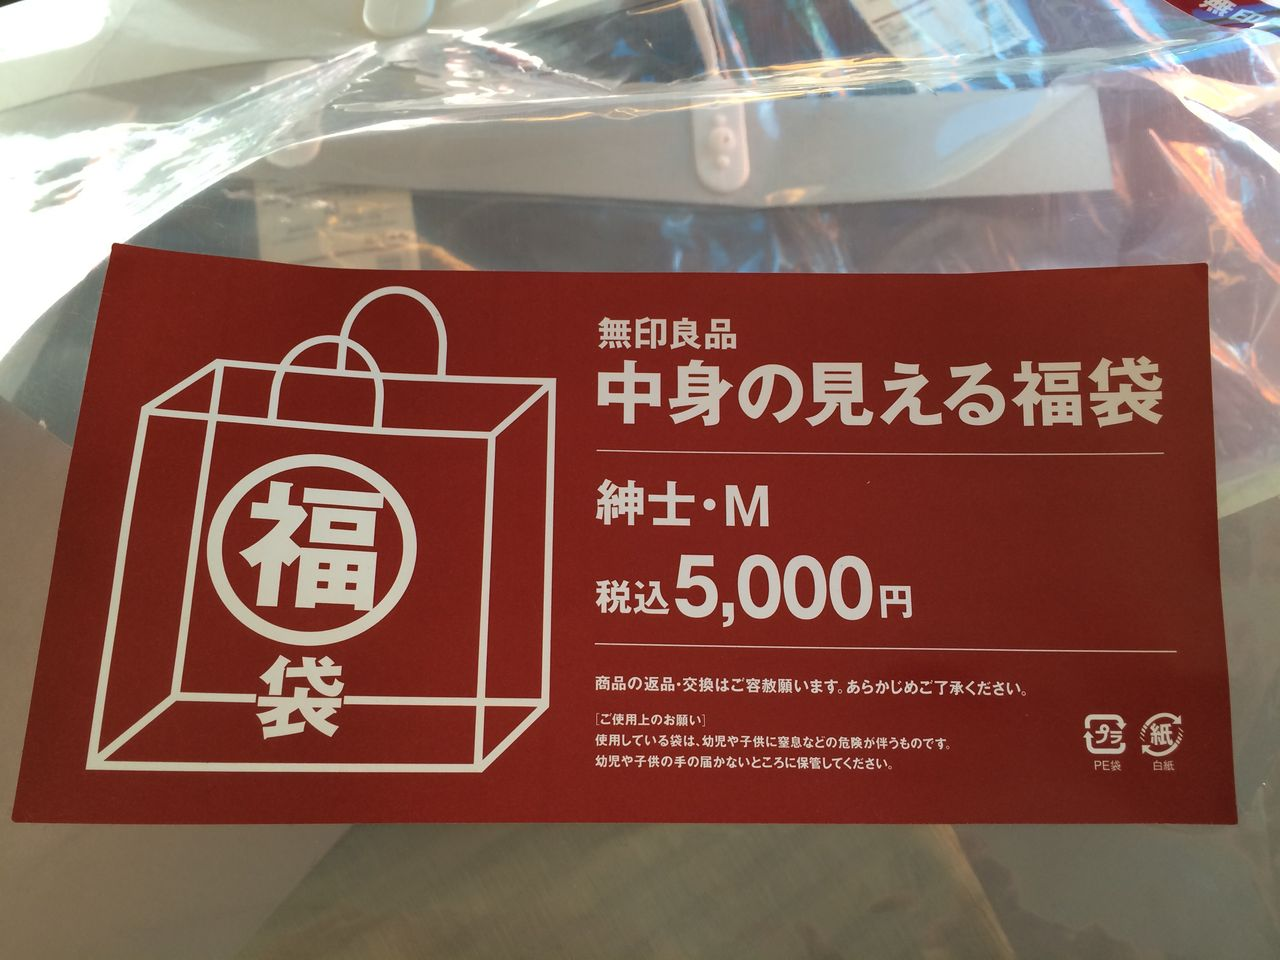 無印良品 紳士M 5000円の福袋のネタバレです。もう着ちゃってるので、中身のリストだけ書いときます。